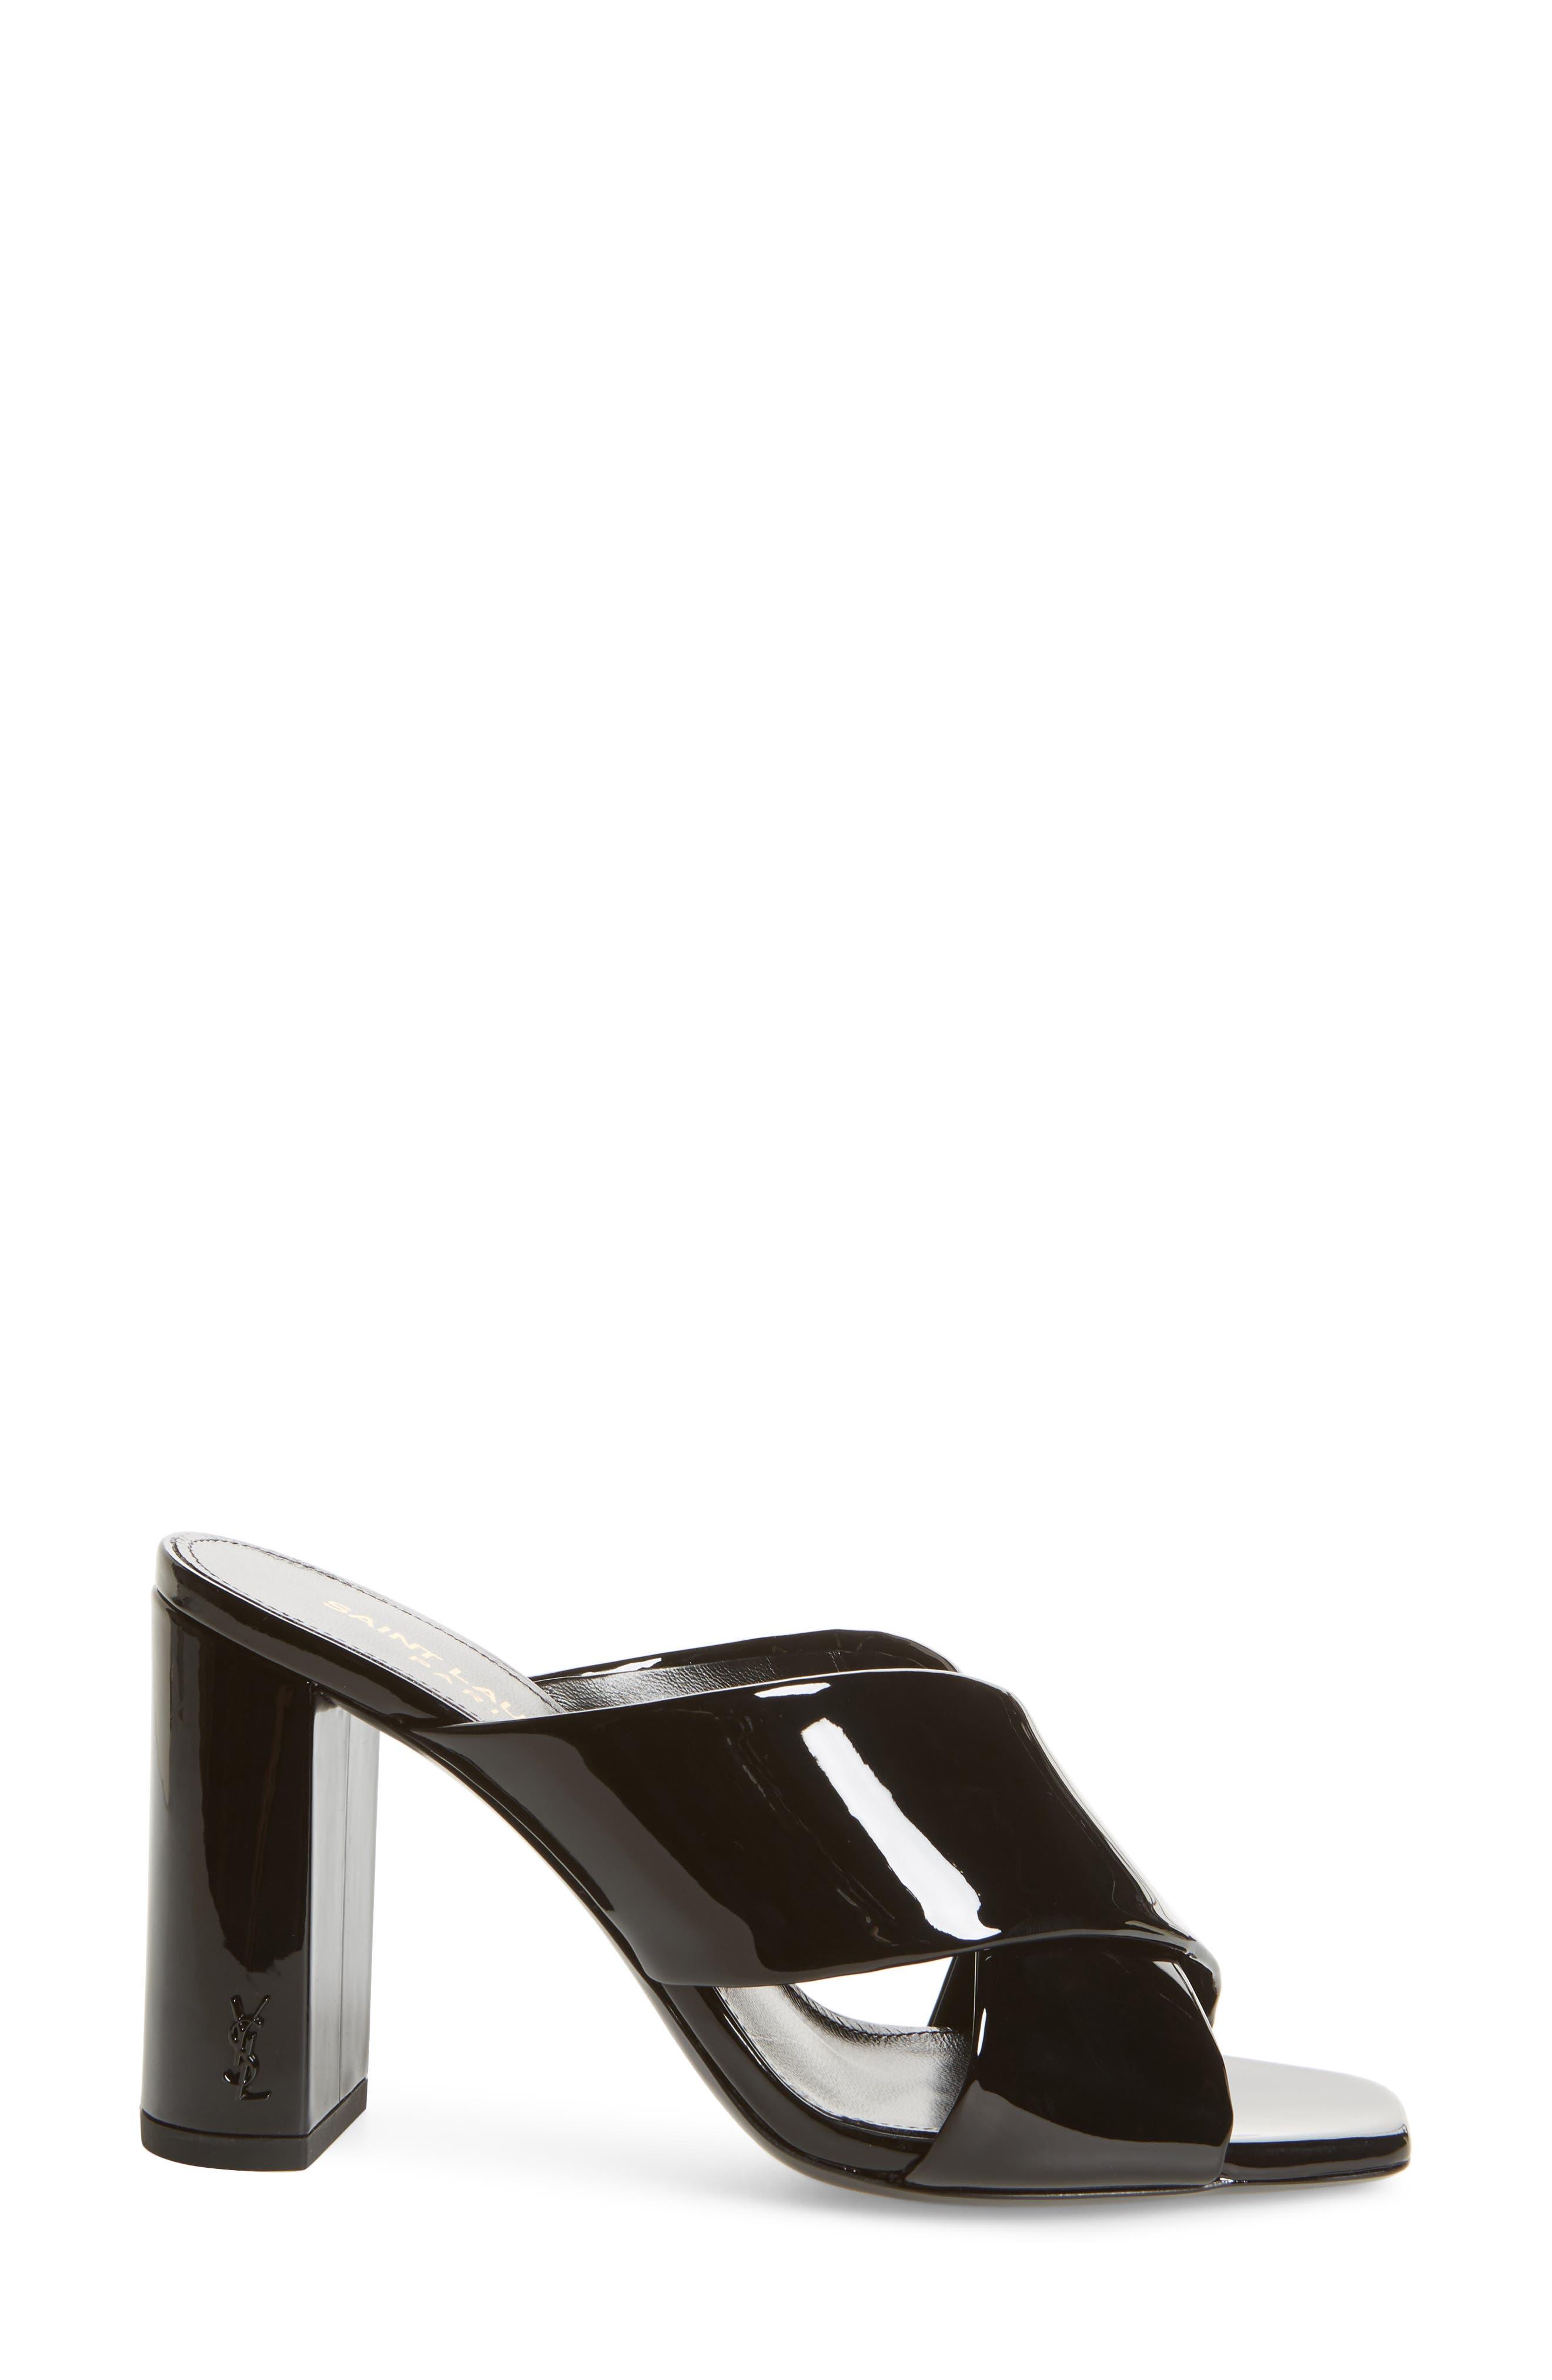 Loulou Slide Sandal,                             Alternate thumbnail 3, color,                             BLACK PATENT